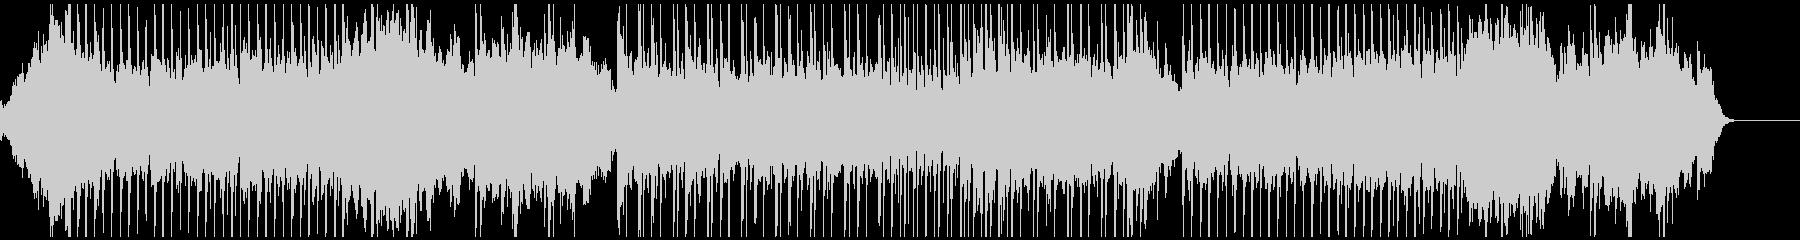 ピアノのリズムがズンチャ ズンチャの未再生の波形